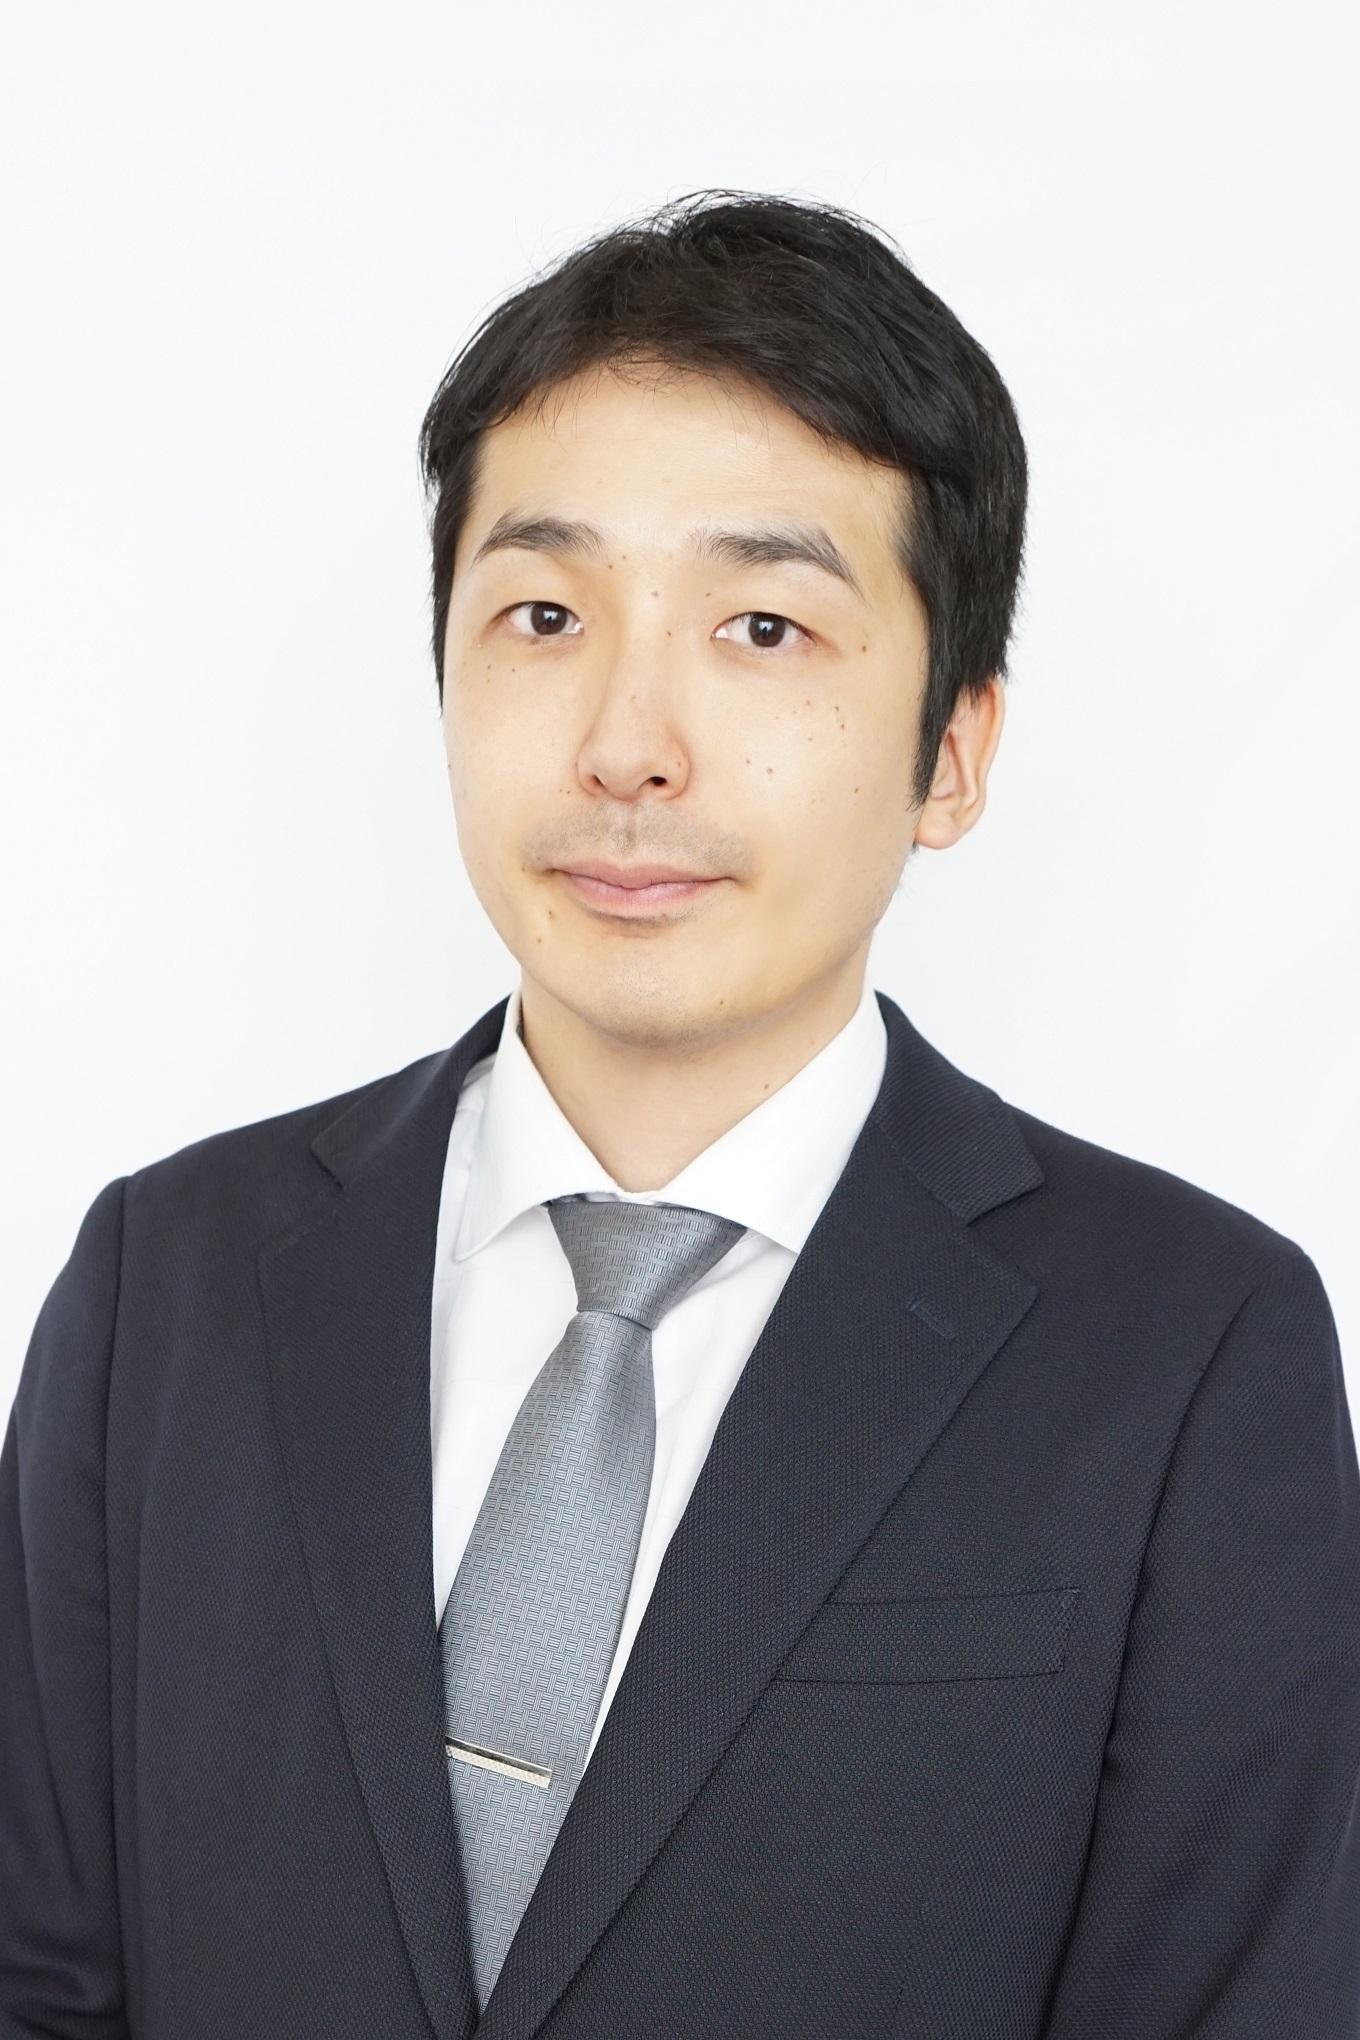 鈴木 聡一郎